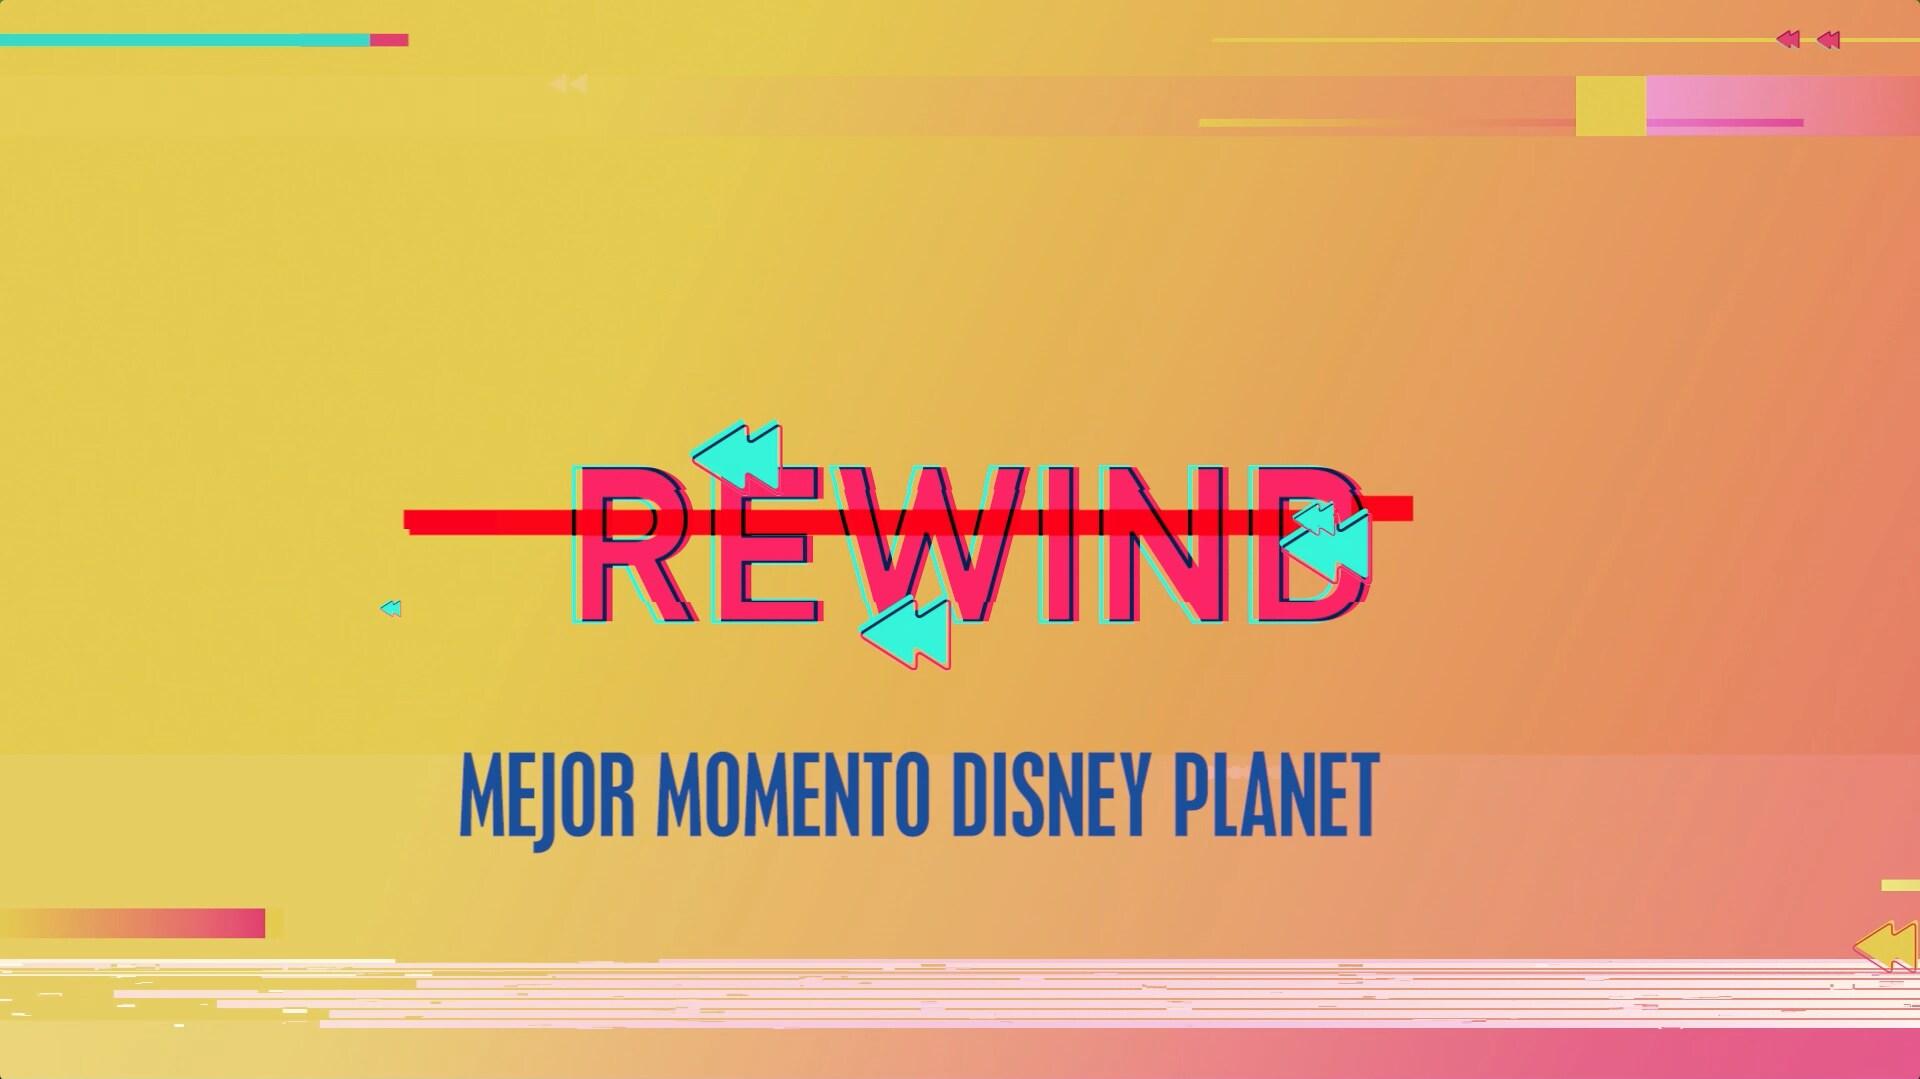 #MejorMomentoDisneyPlanet - Los mejores del año - Rewind